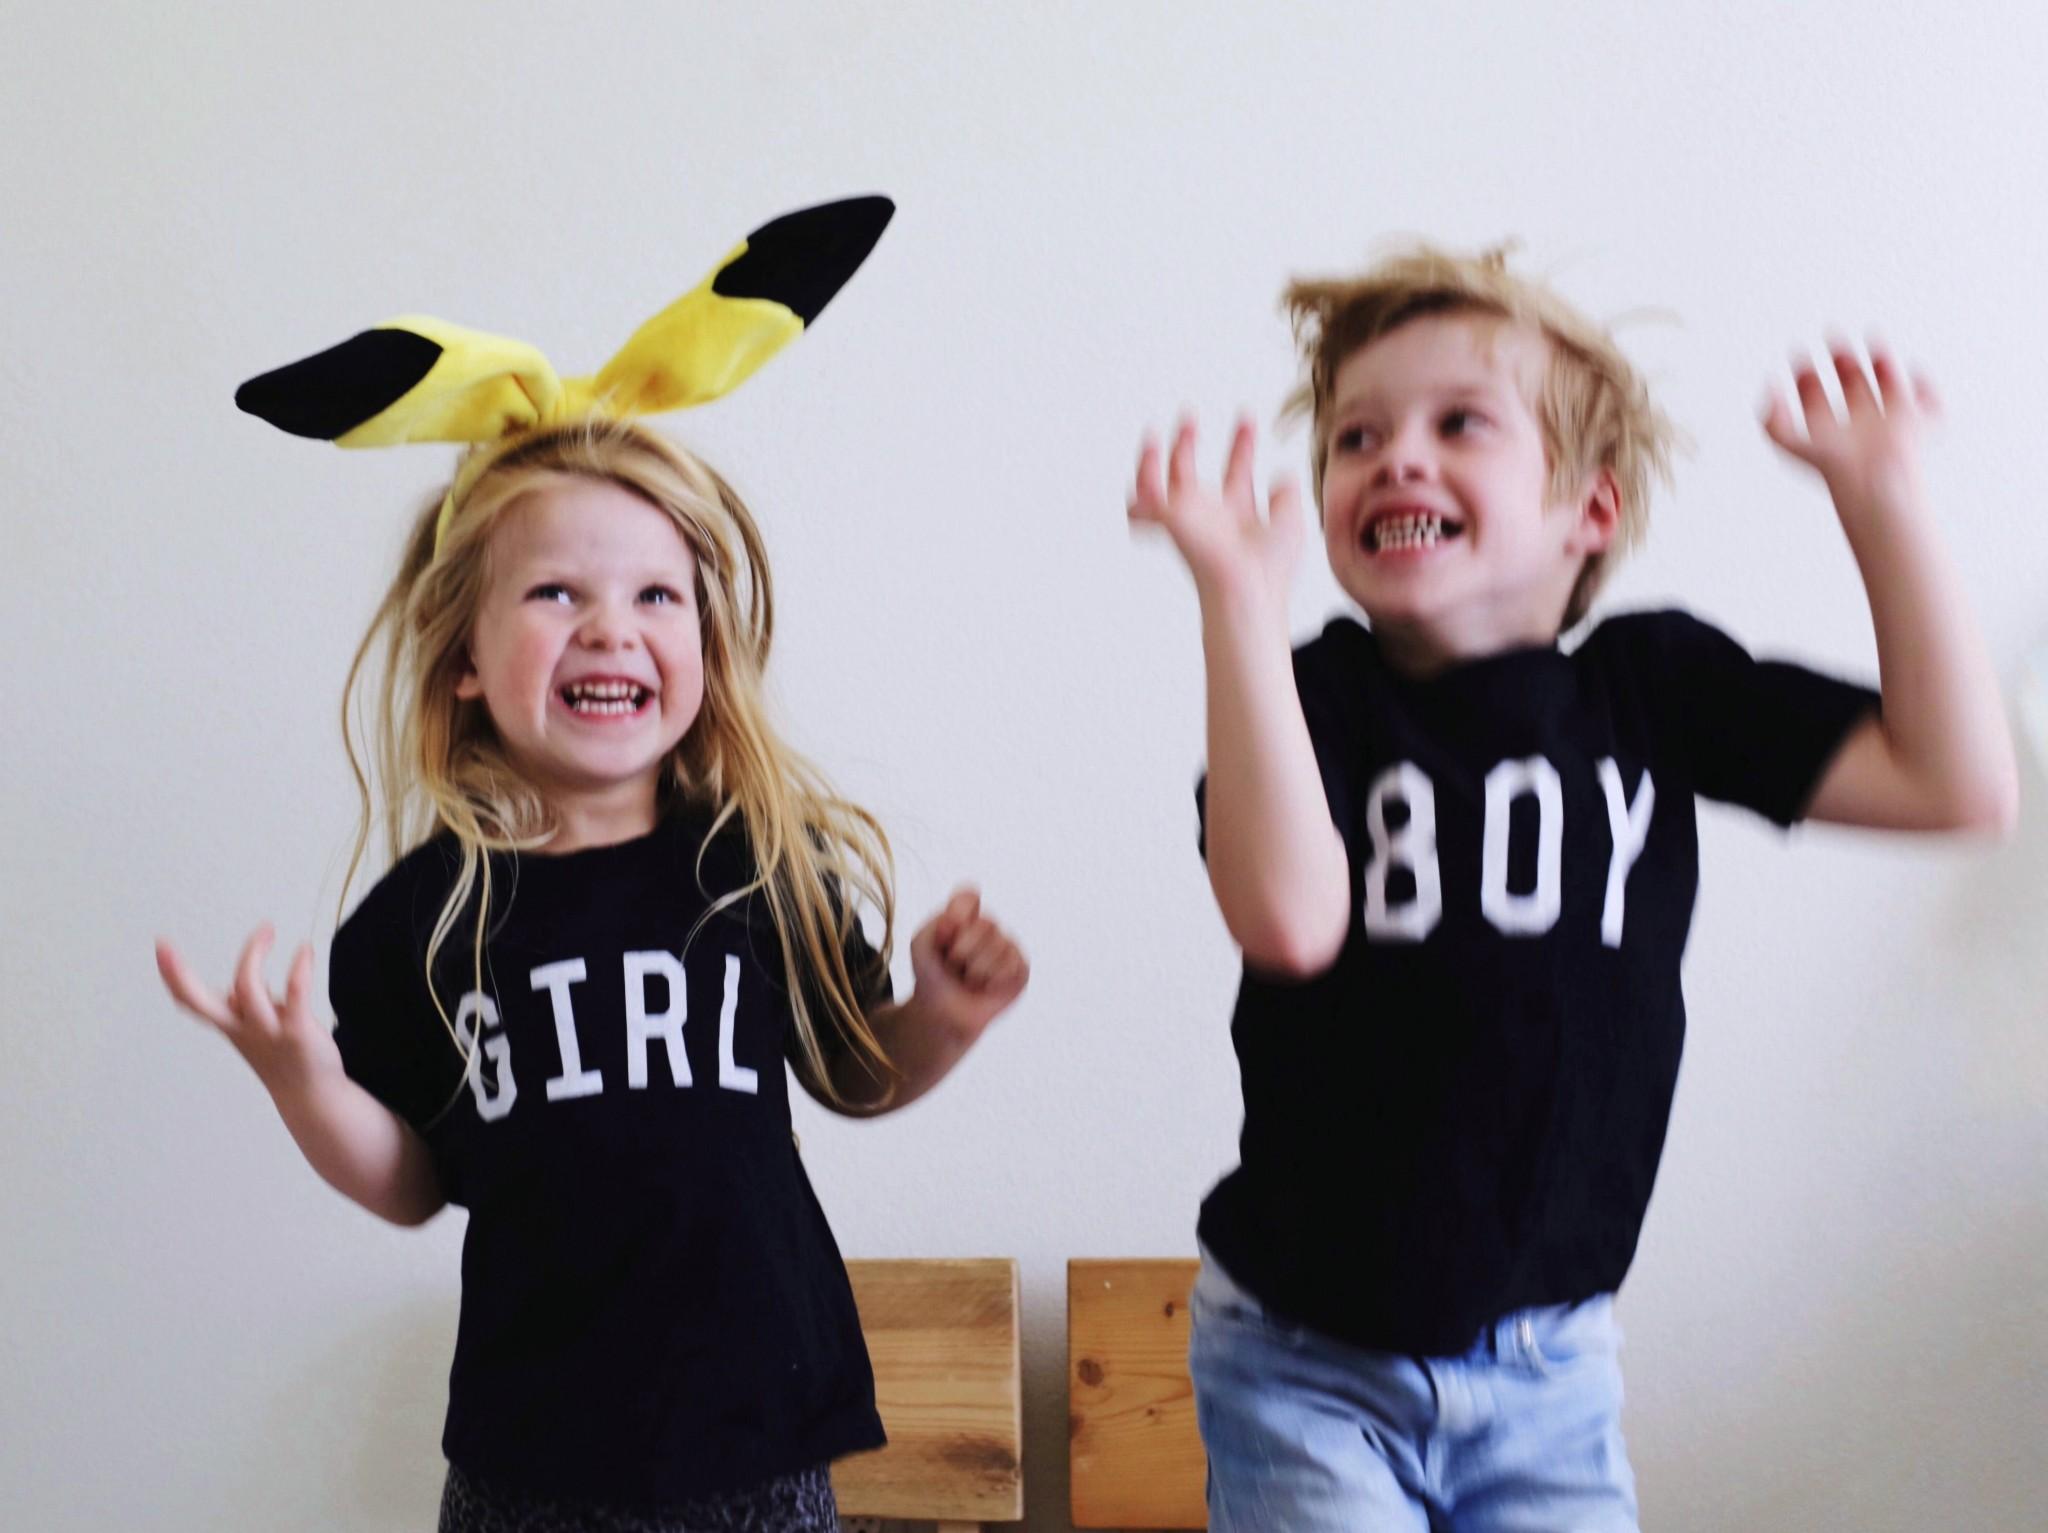 It's a... boy or girl?